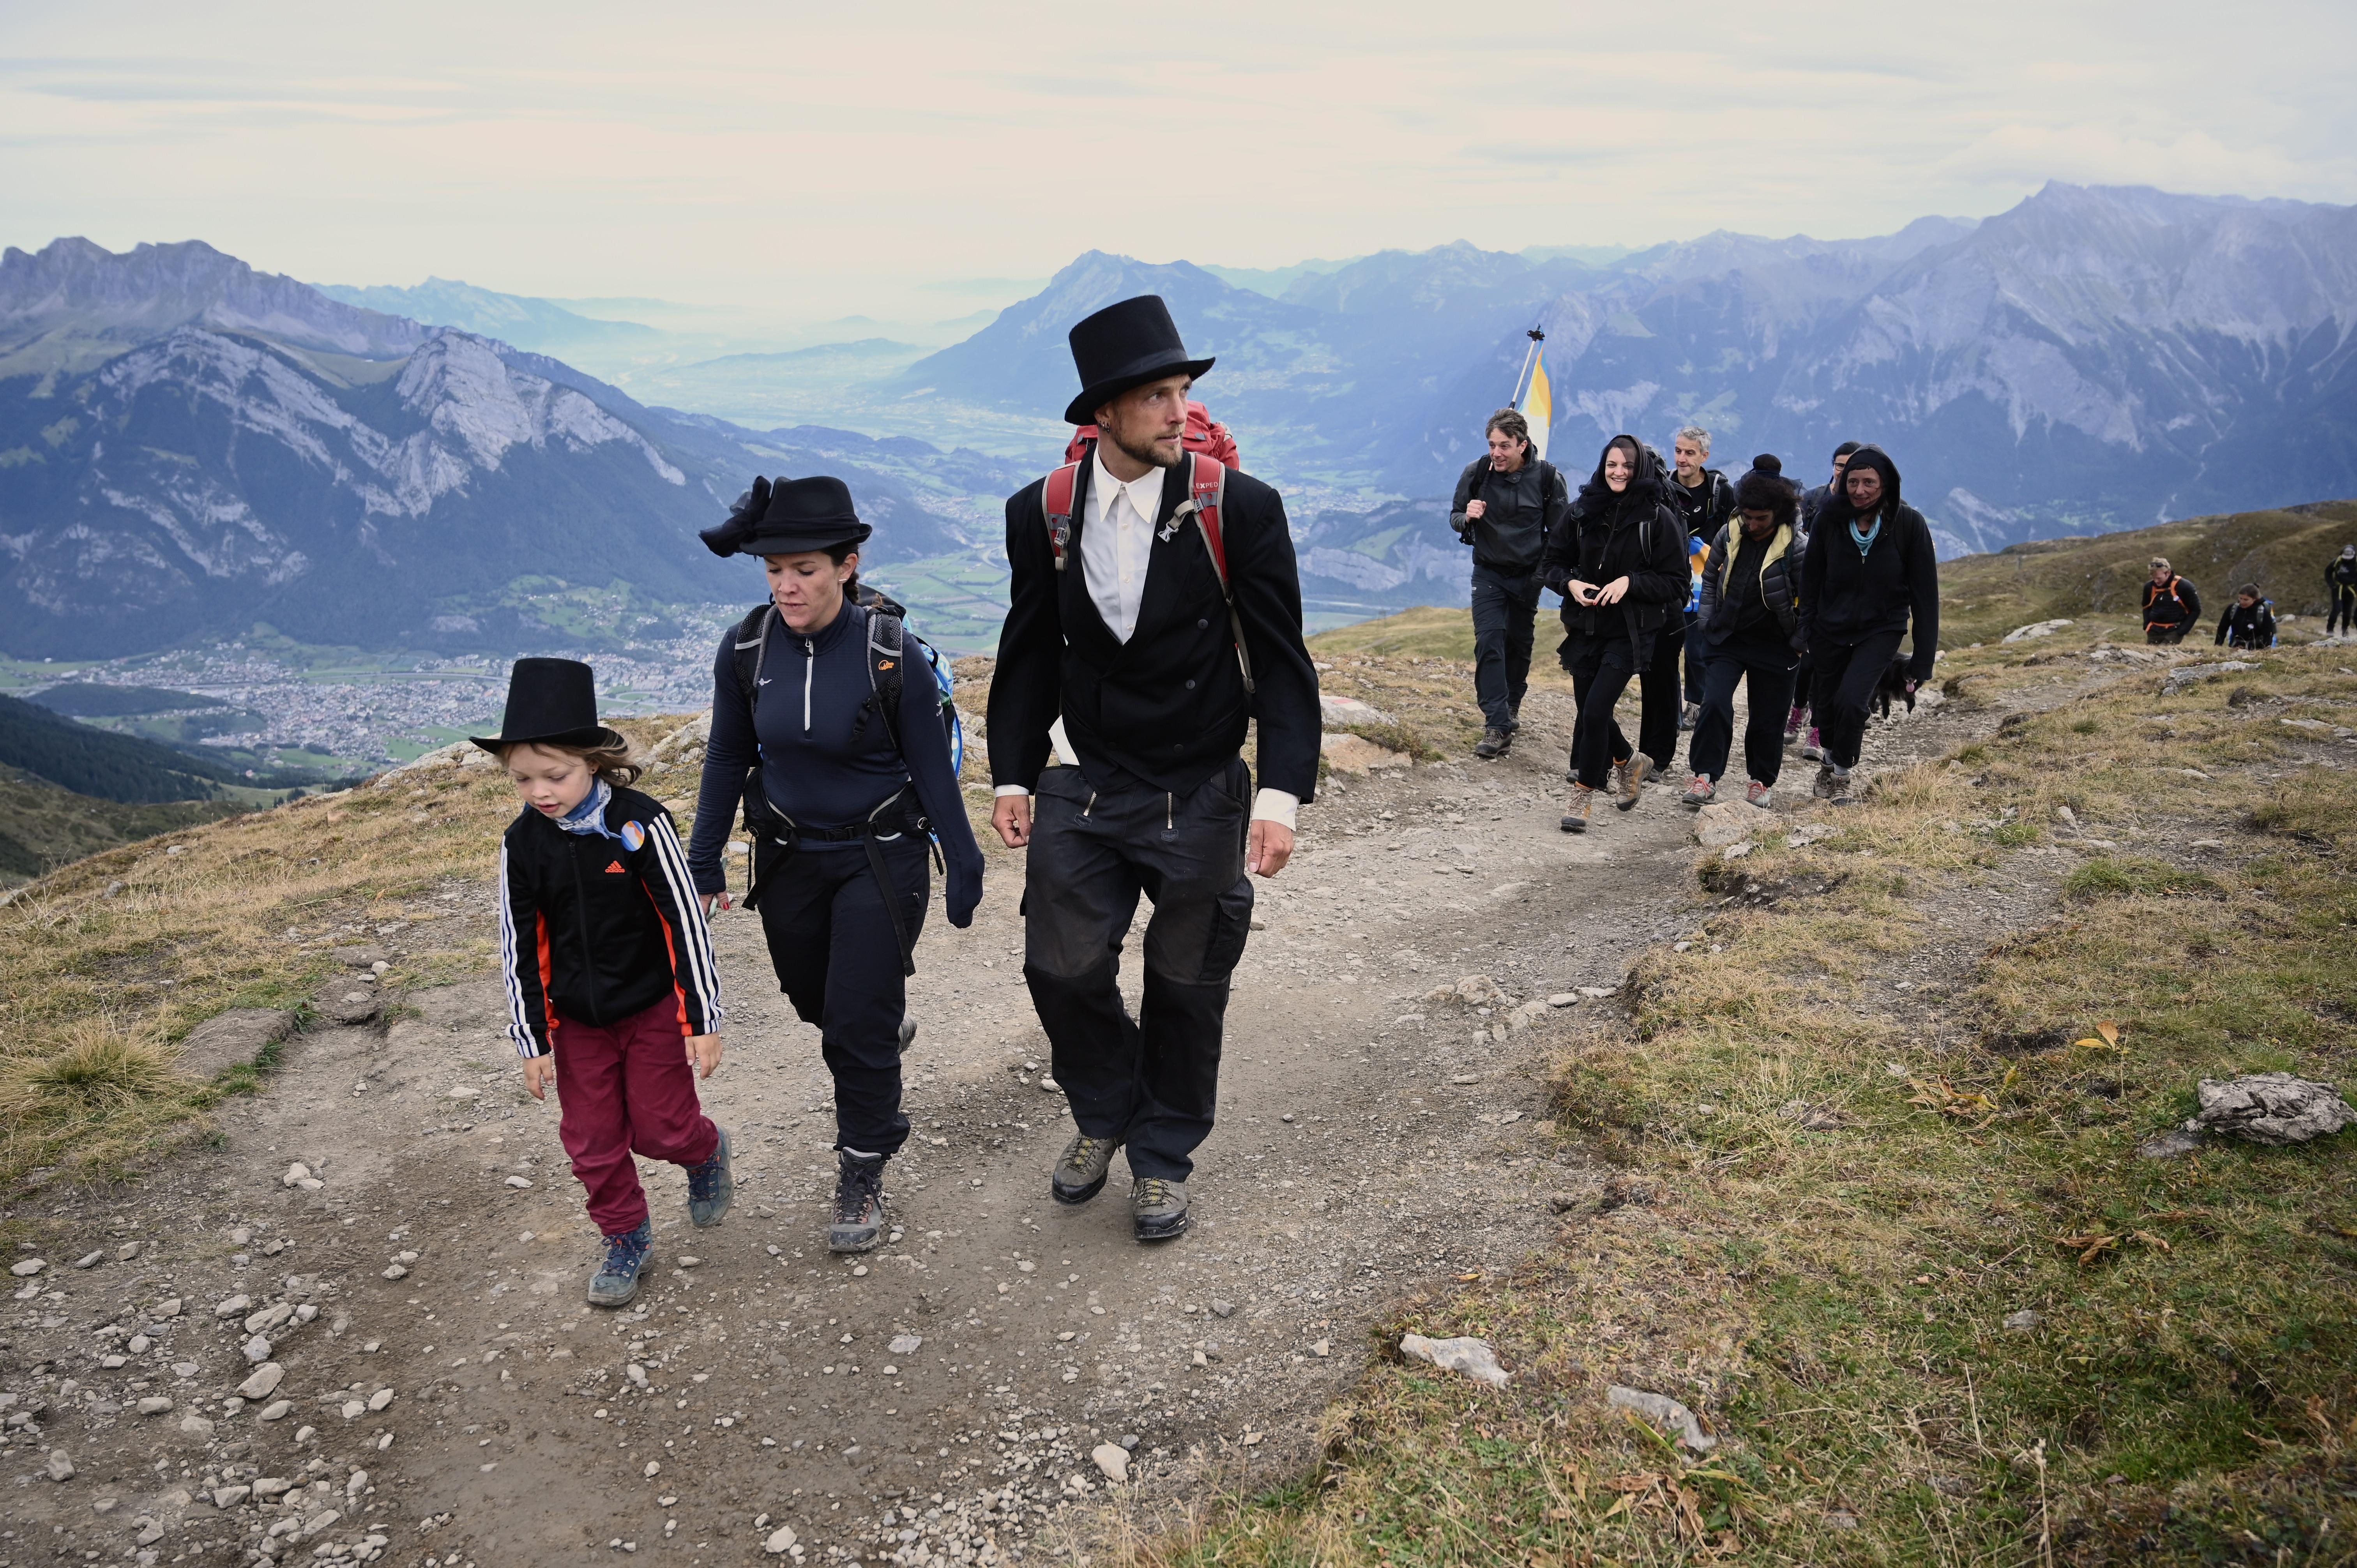 Vestidos de negro y con sombreros, la gente participa en el